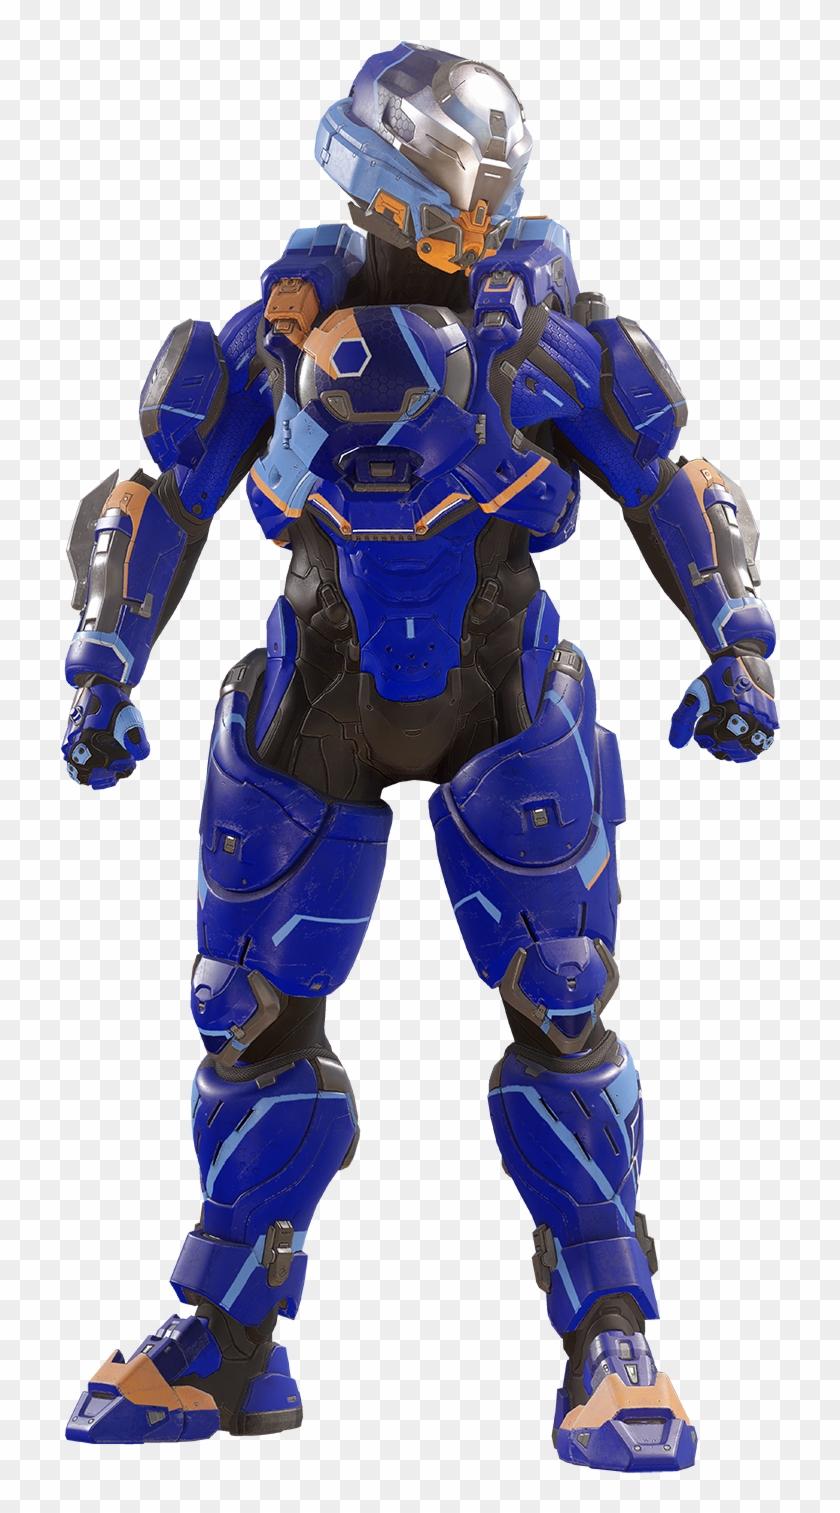 Halo 5 Cyclops Armor Clipart #667510